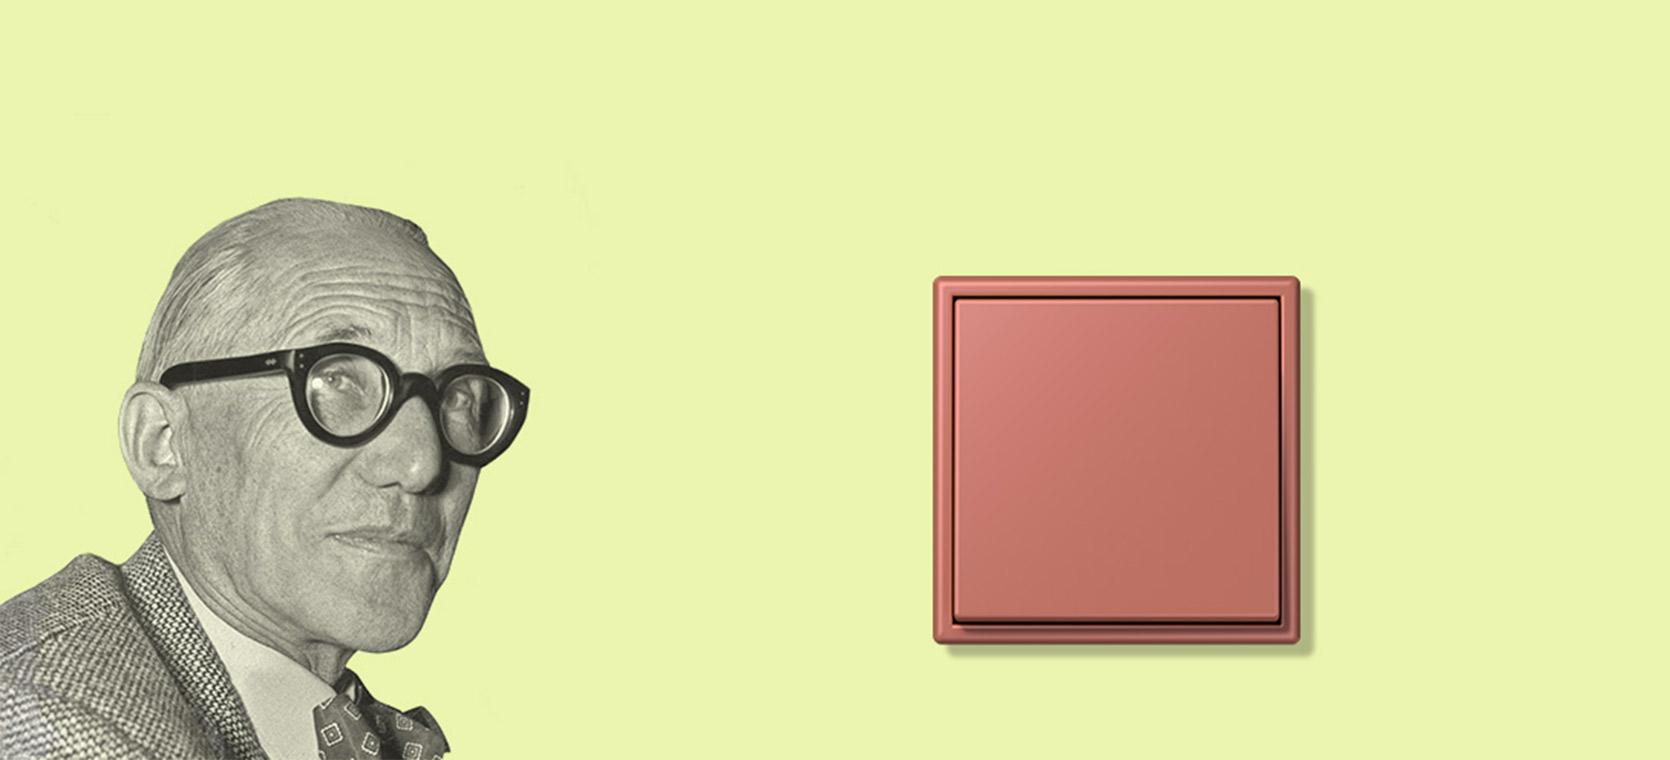 Die kombination von design und funktion feelsmart for Design und funktion